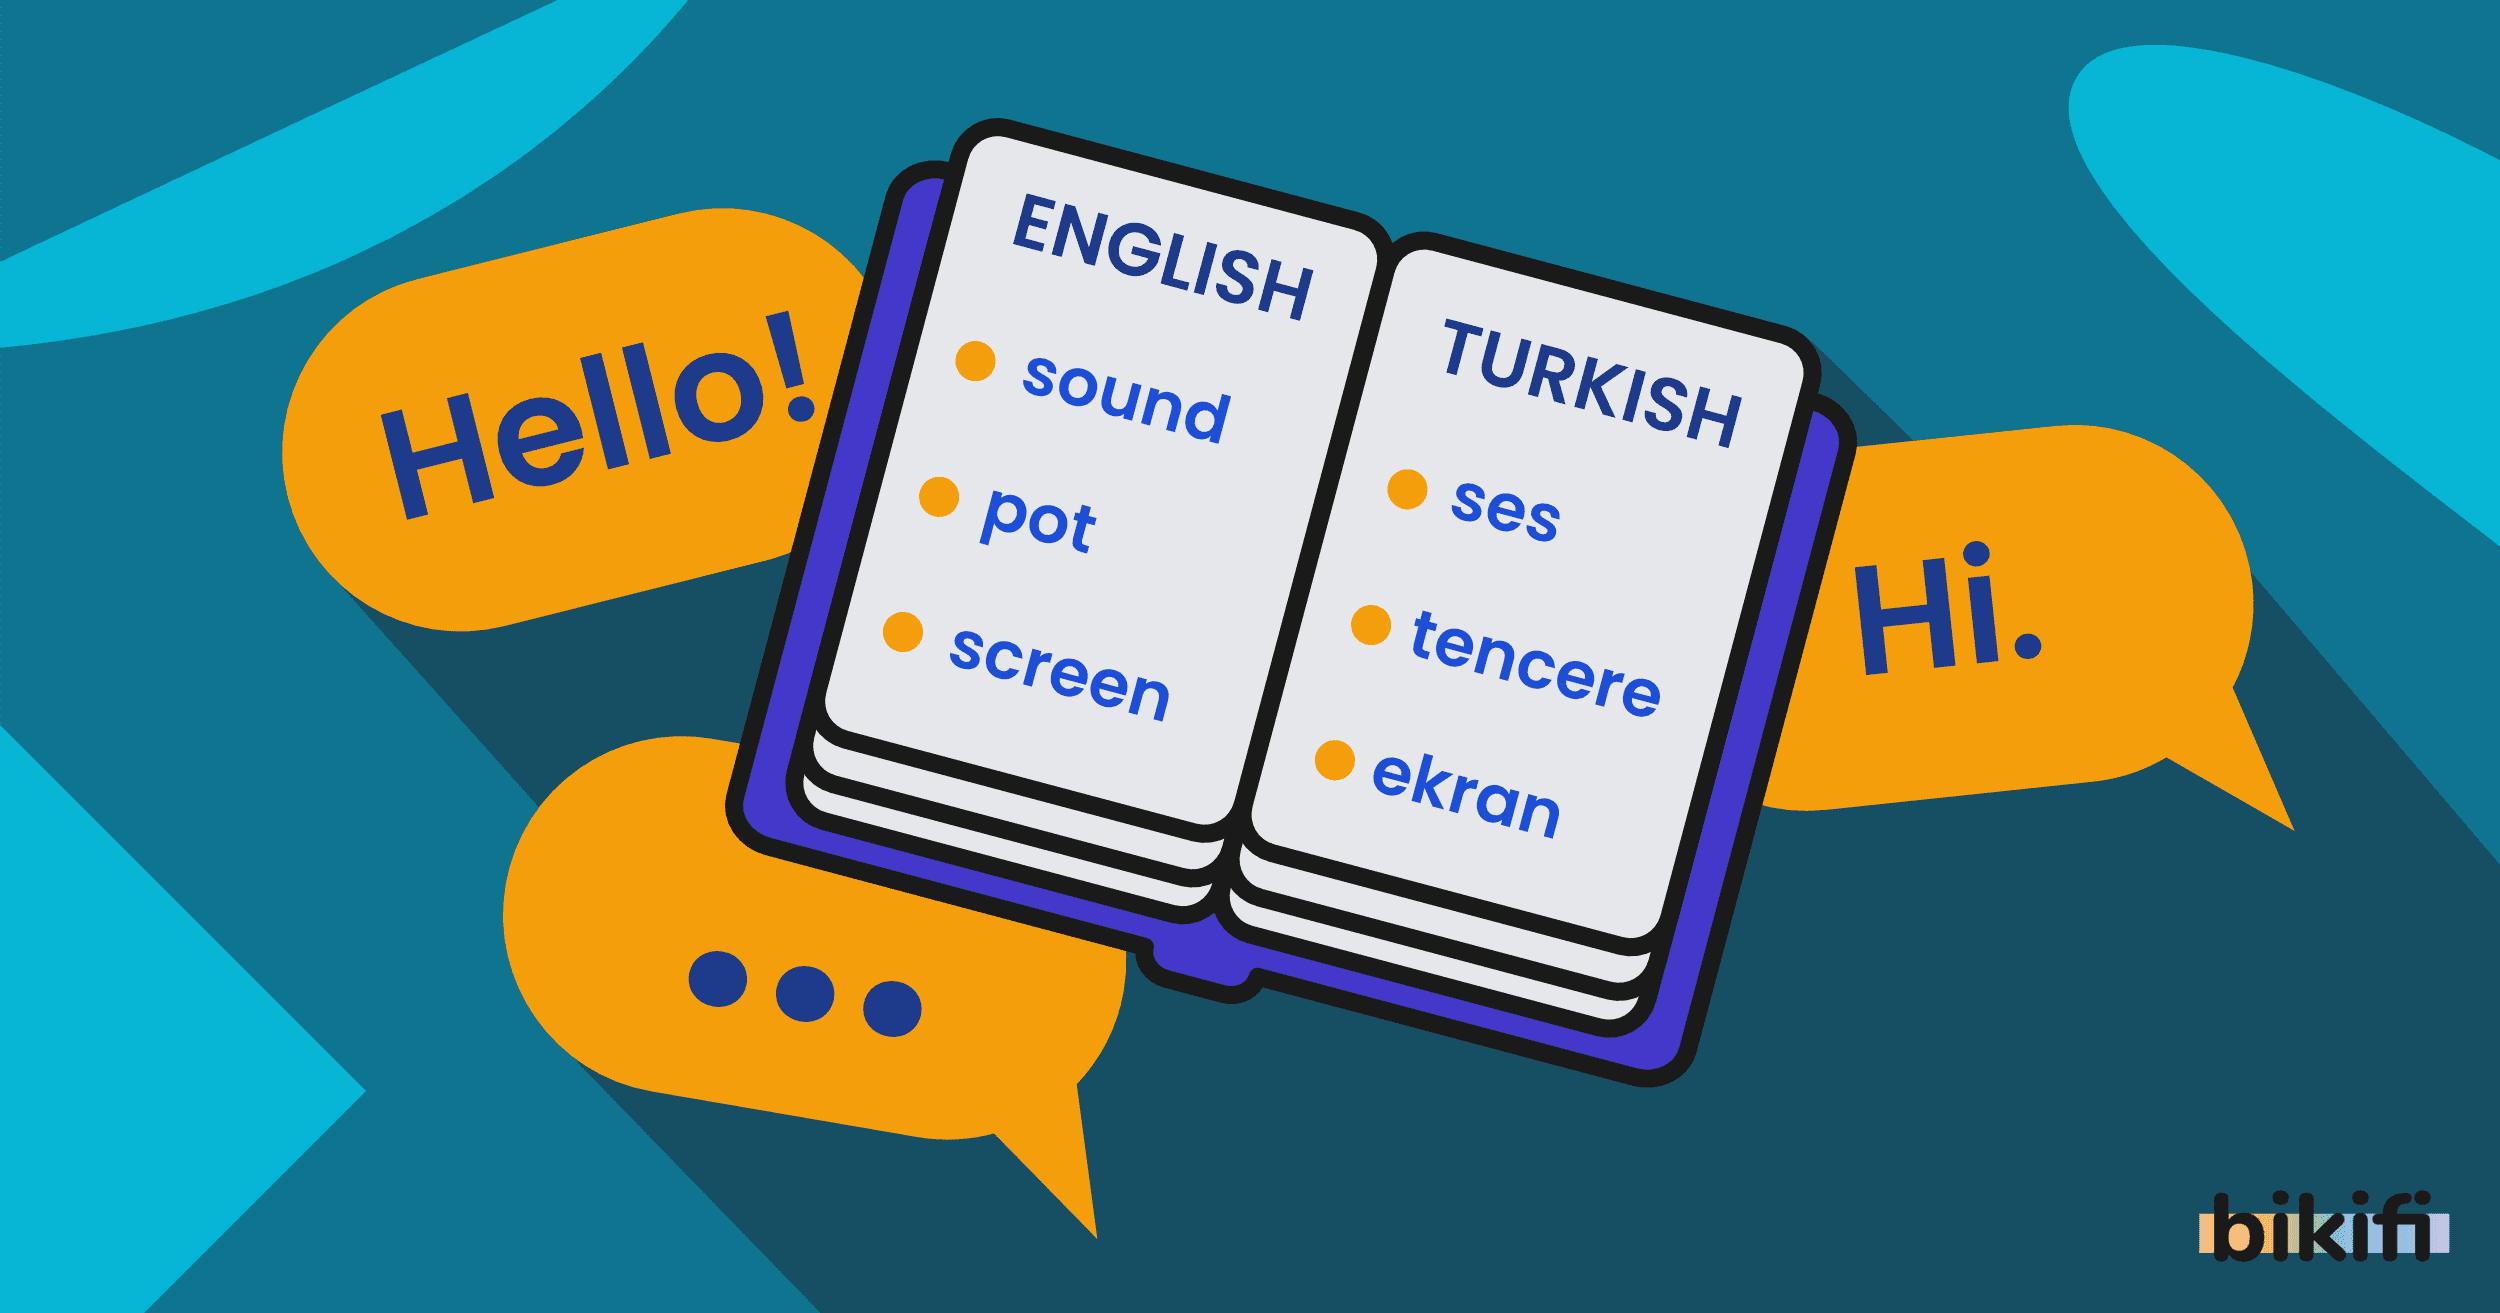 İngilizce'nin Evrensel Dil Olması Gerçeği